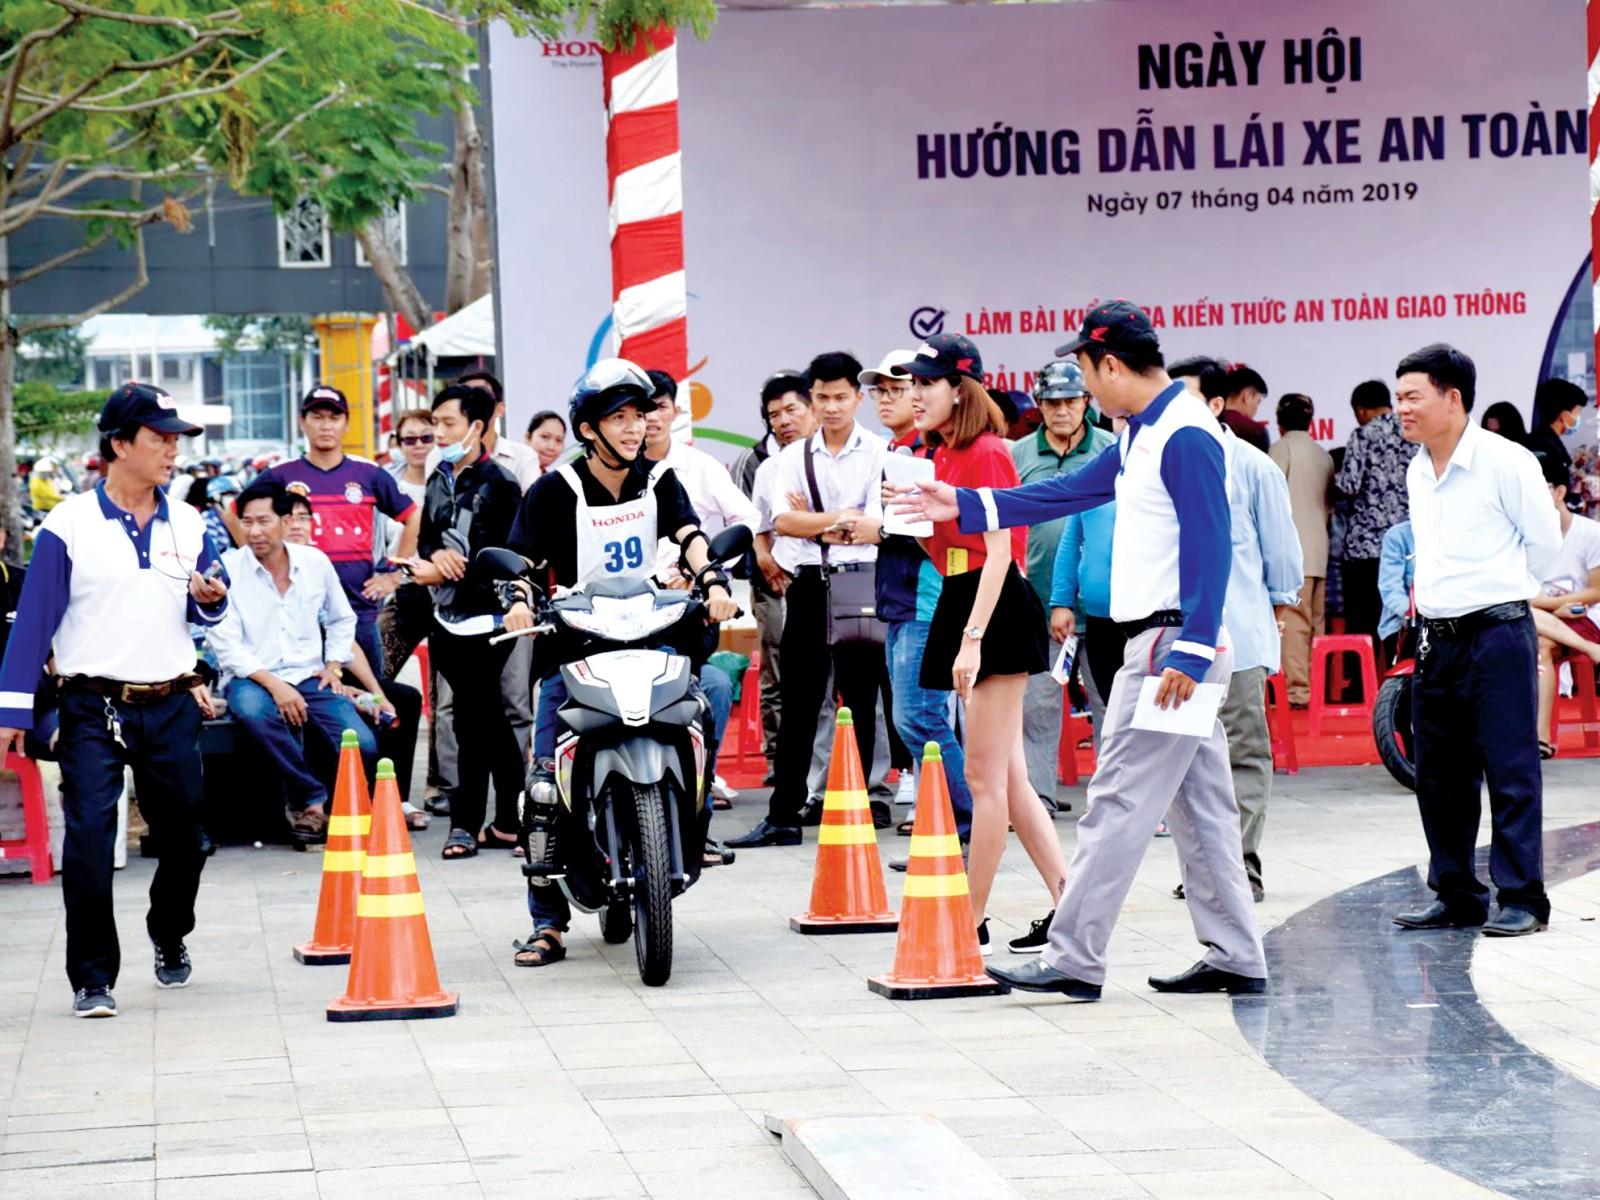 Các doanh nghiệp ngày càng quan tâm trách nhiệm xã hội song hành cùng hoạt động kinh doanh. Trong ảnh: Honda Hồng Đức tổ chức hướng dẫn lái xe an toàn cho khách hàng.